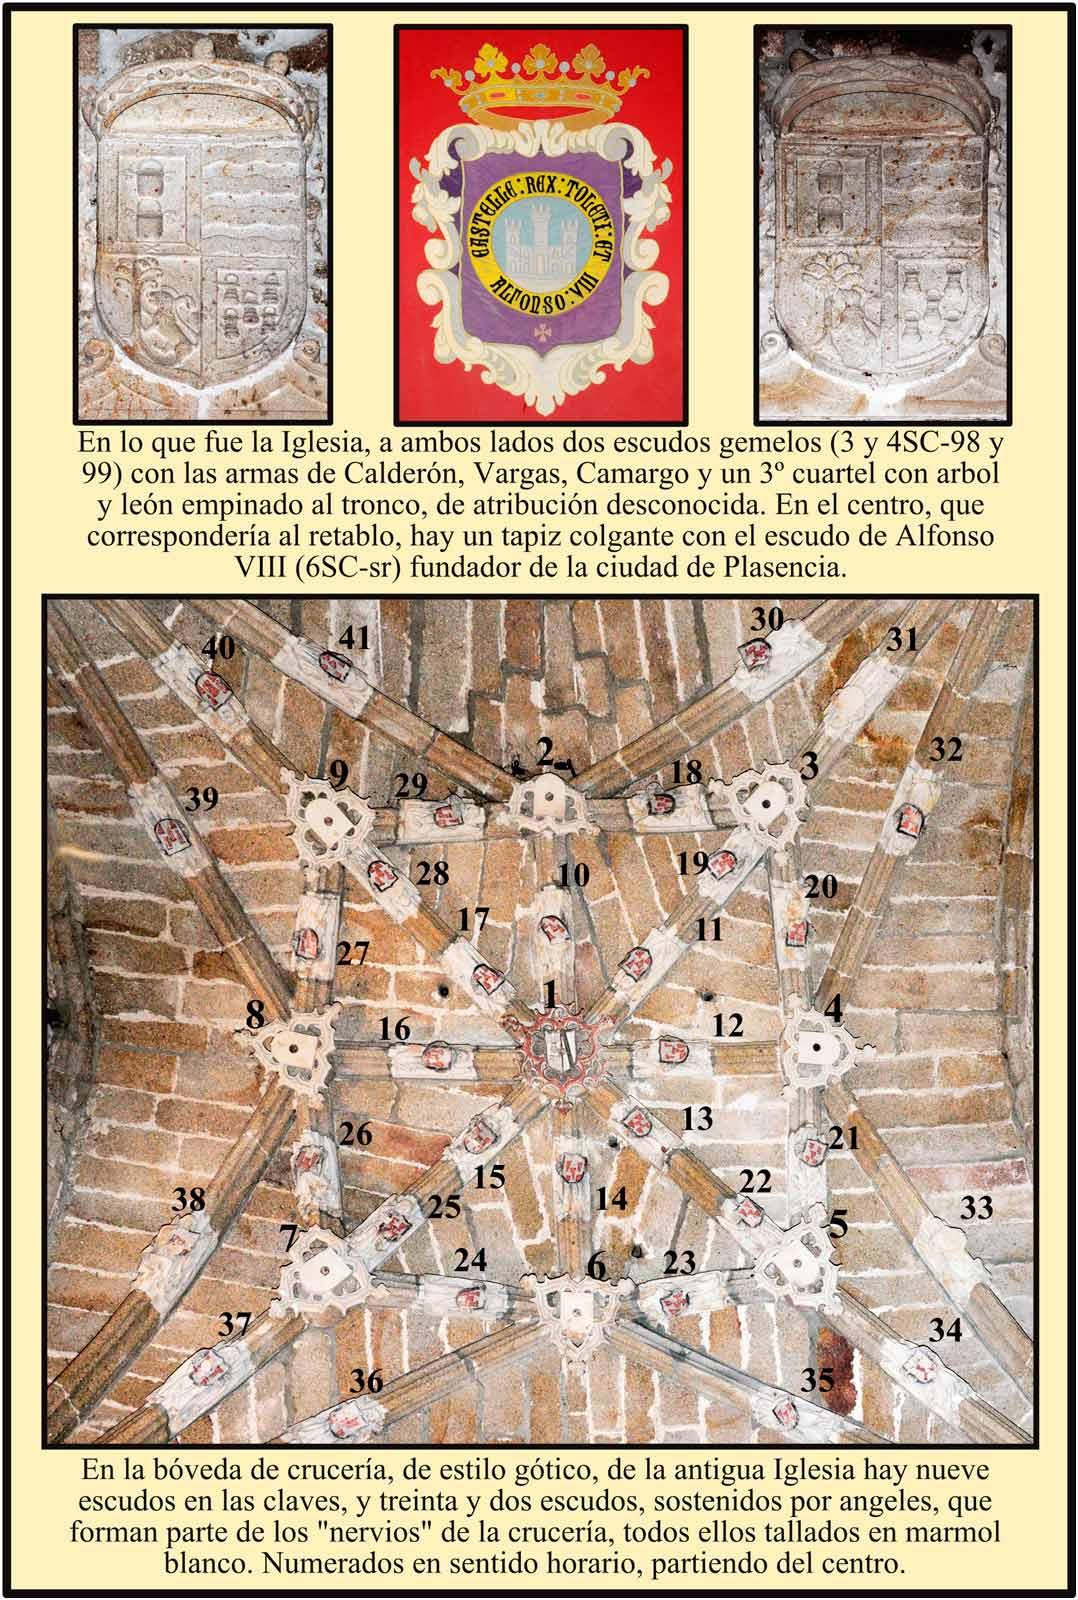 Boveda de cruceria, escudos de cargas, camargo, carvajal y plasencia